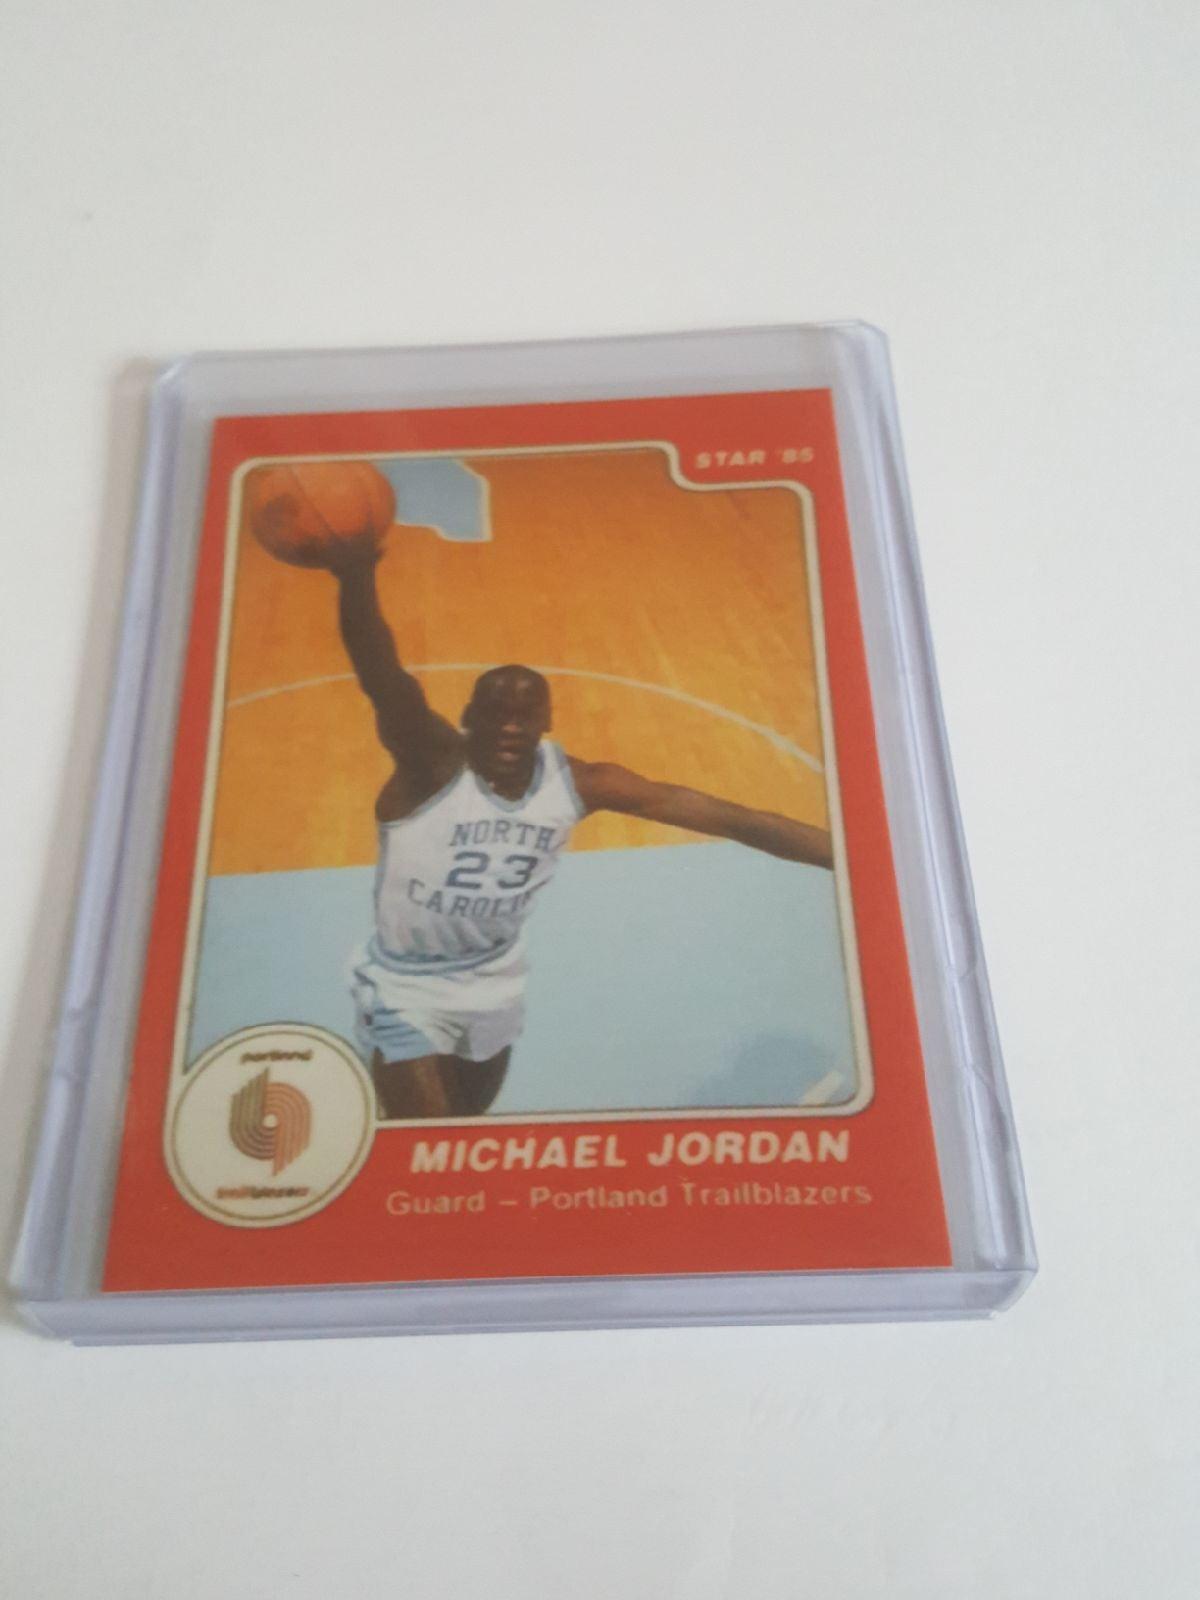 Michael Jordan 1985 star error card red